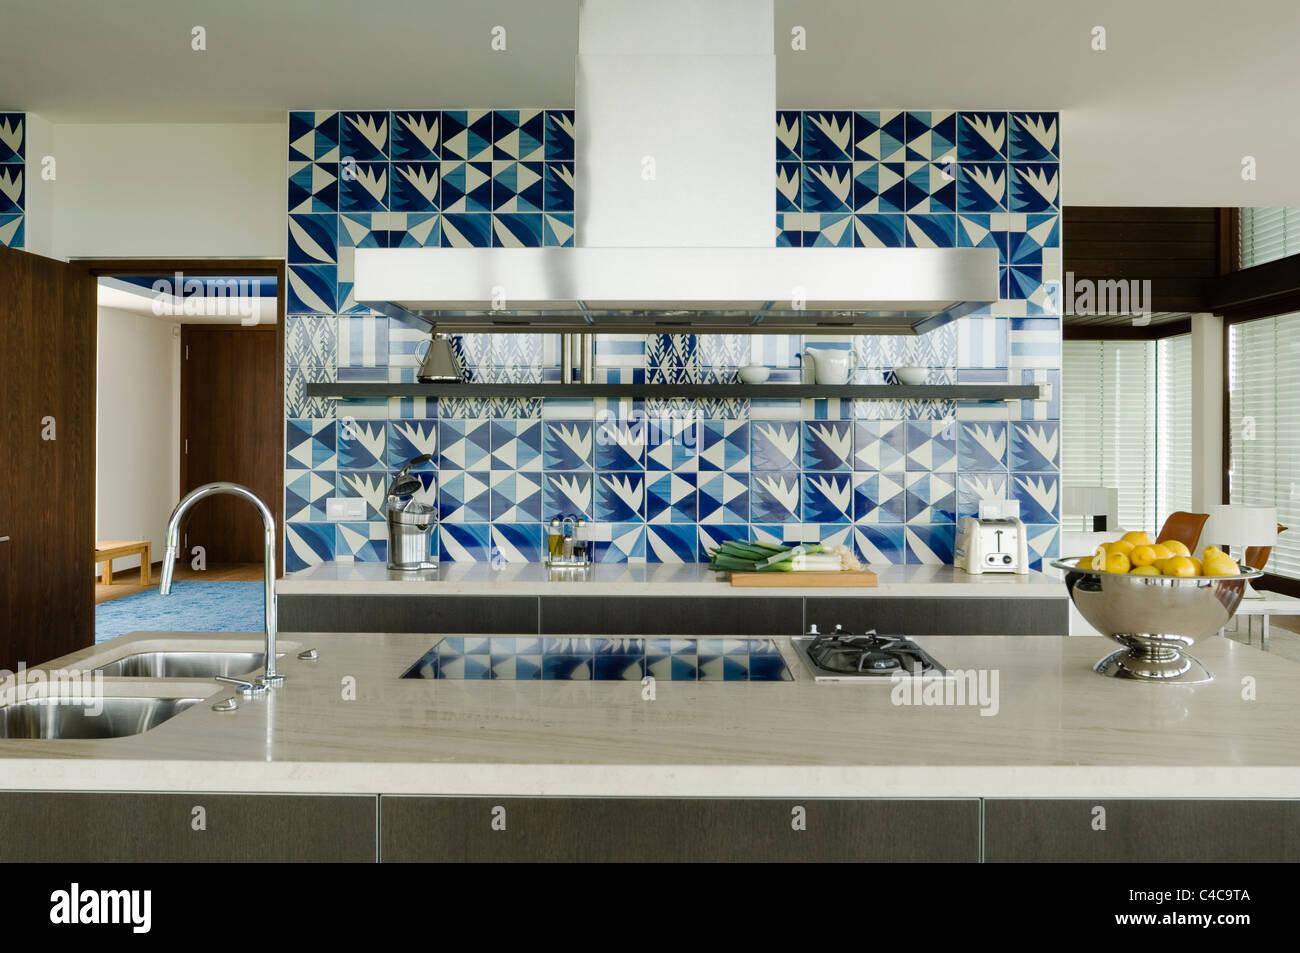 geradeaus-Blick auf einen dunklen grau Eiche Bulthaup Küche über Insel-Arbeitsplatte gemacht aus Biahara Stockbild